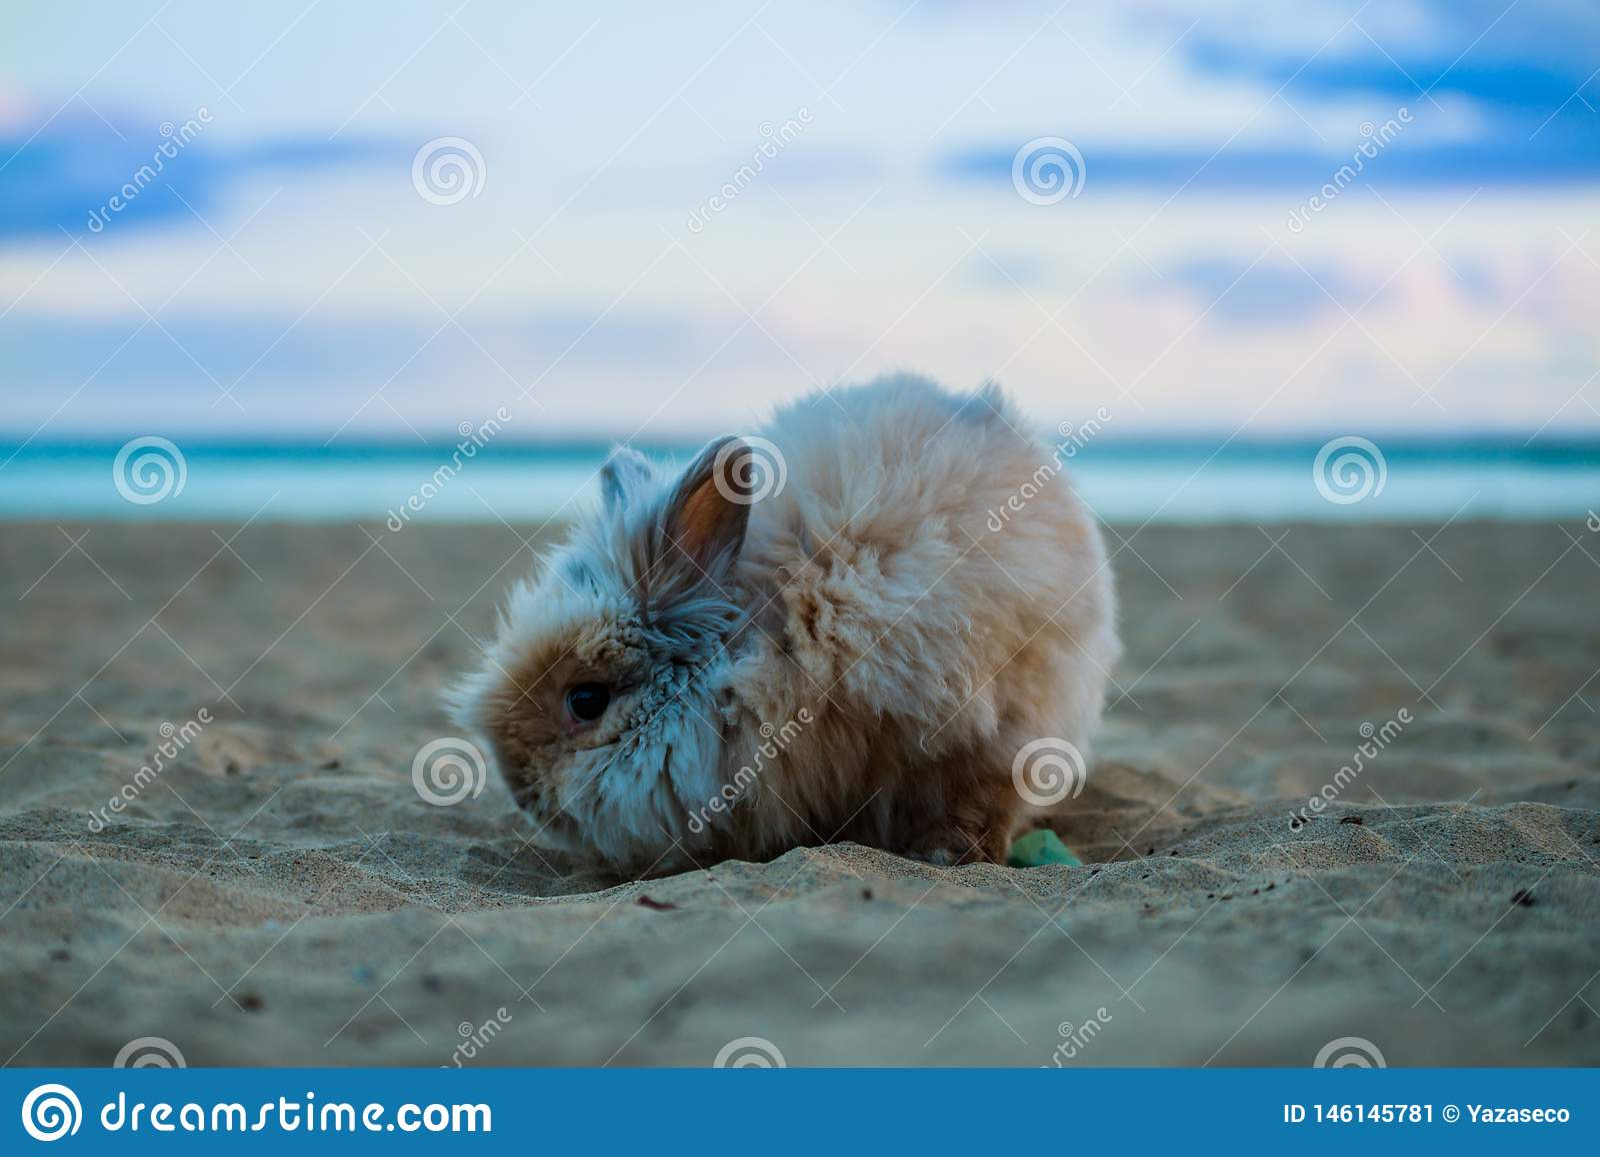 Grappig Konijn in de strandhuisdieren